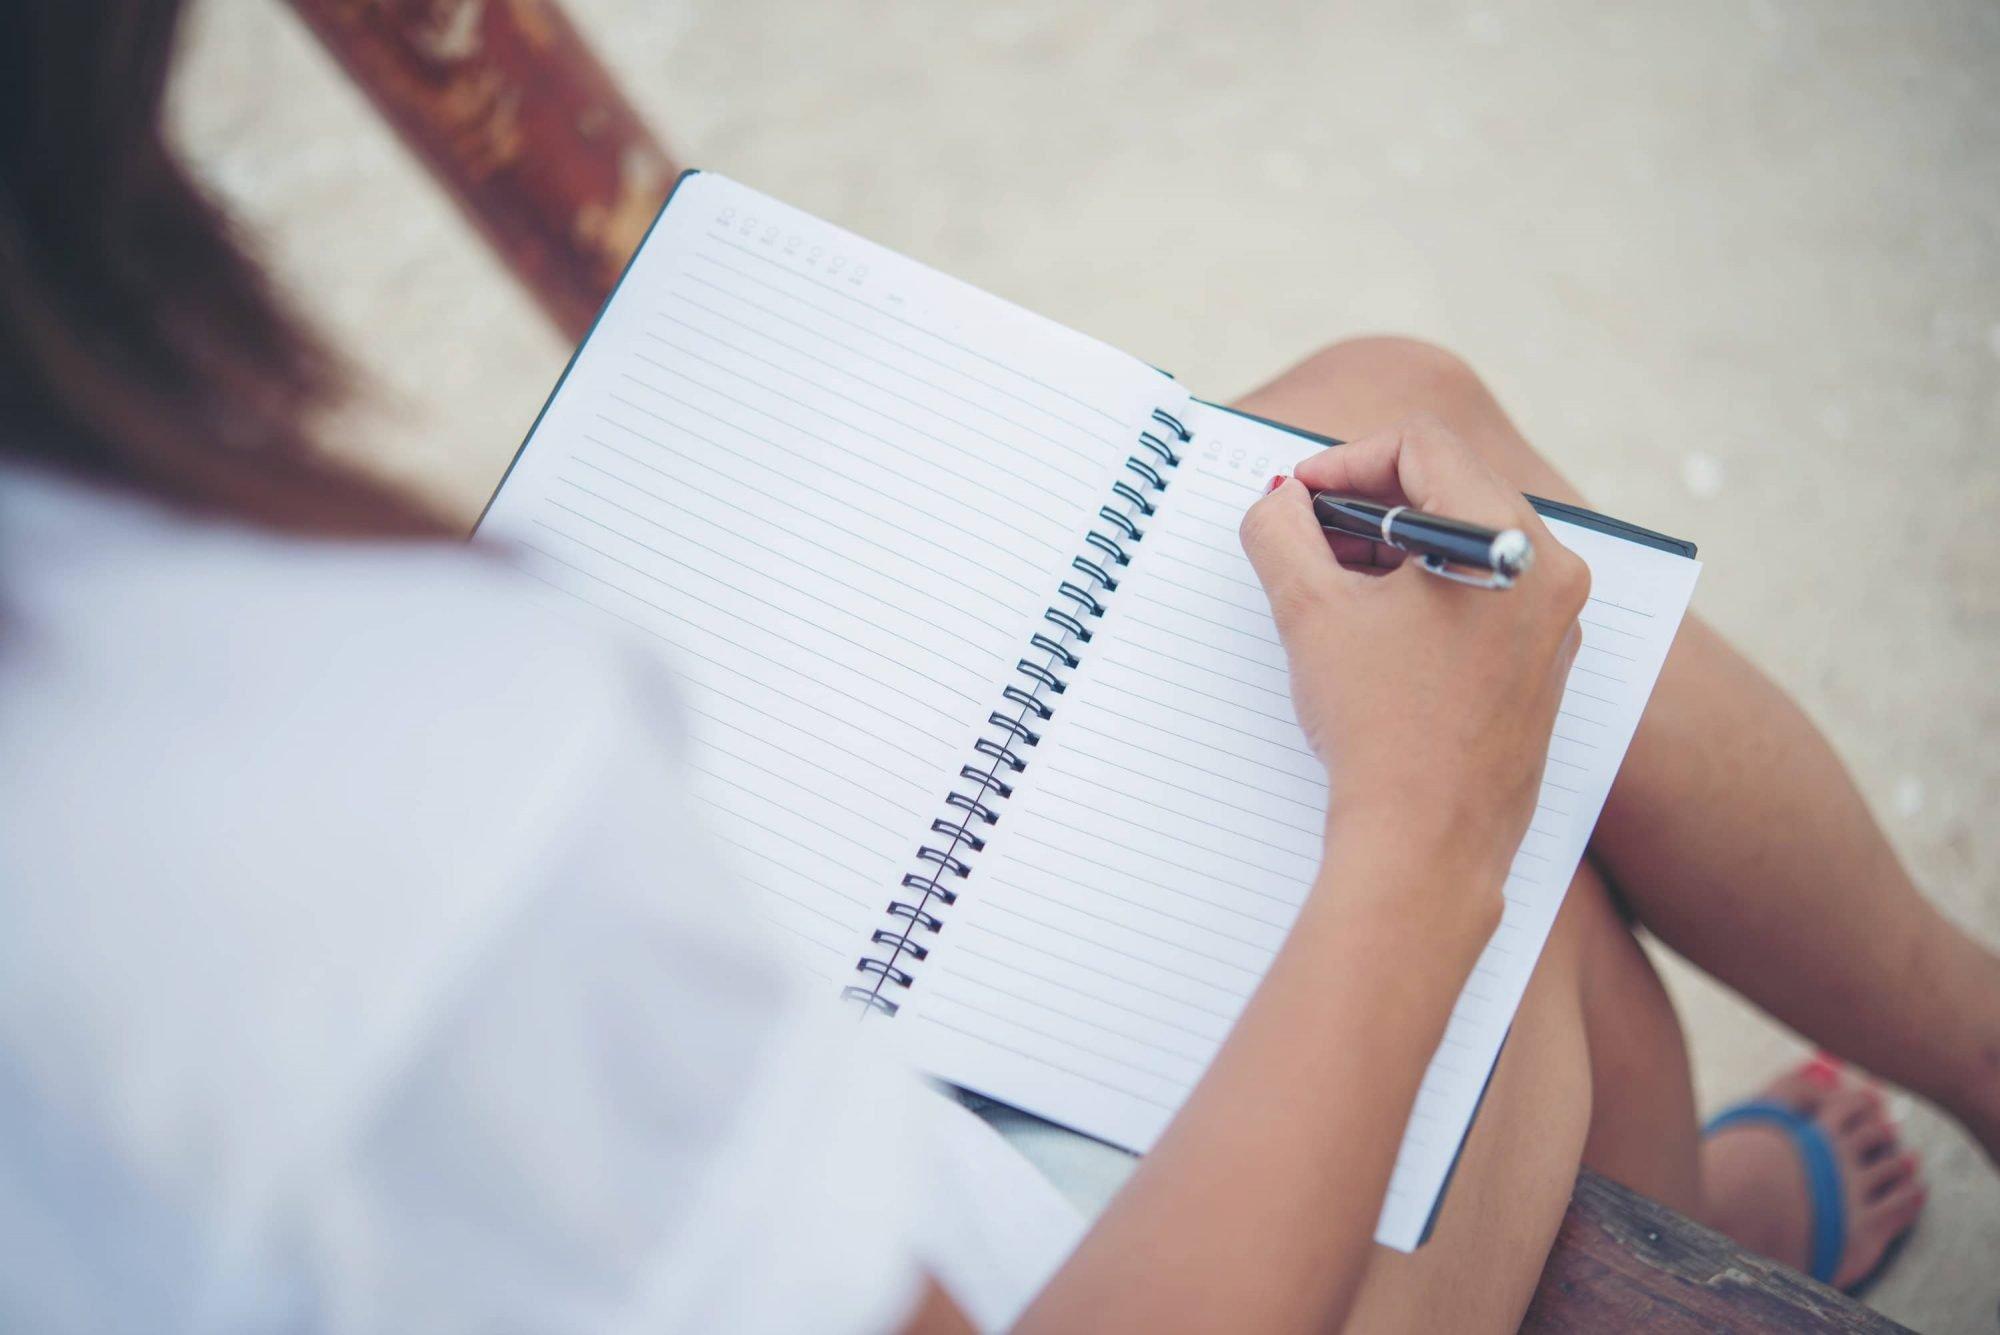 Schrijven therapie